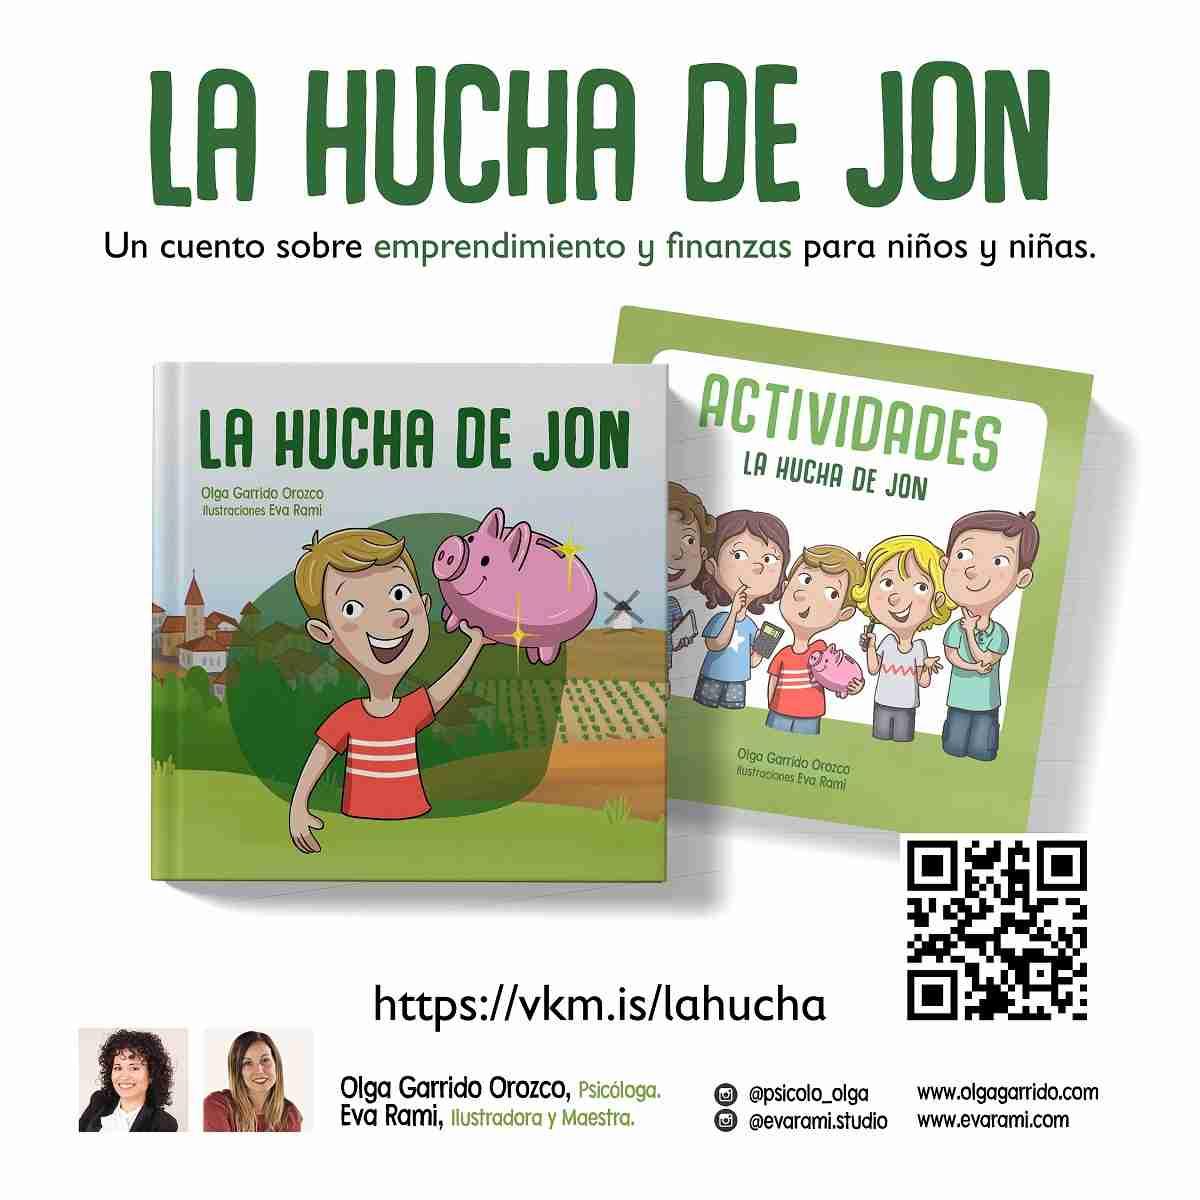 La hucha de Jon, un cuento sobre emprendimiento y finanzas para niños 3